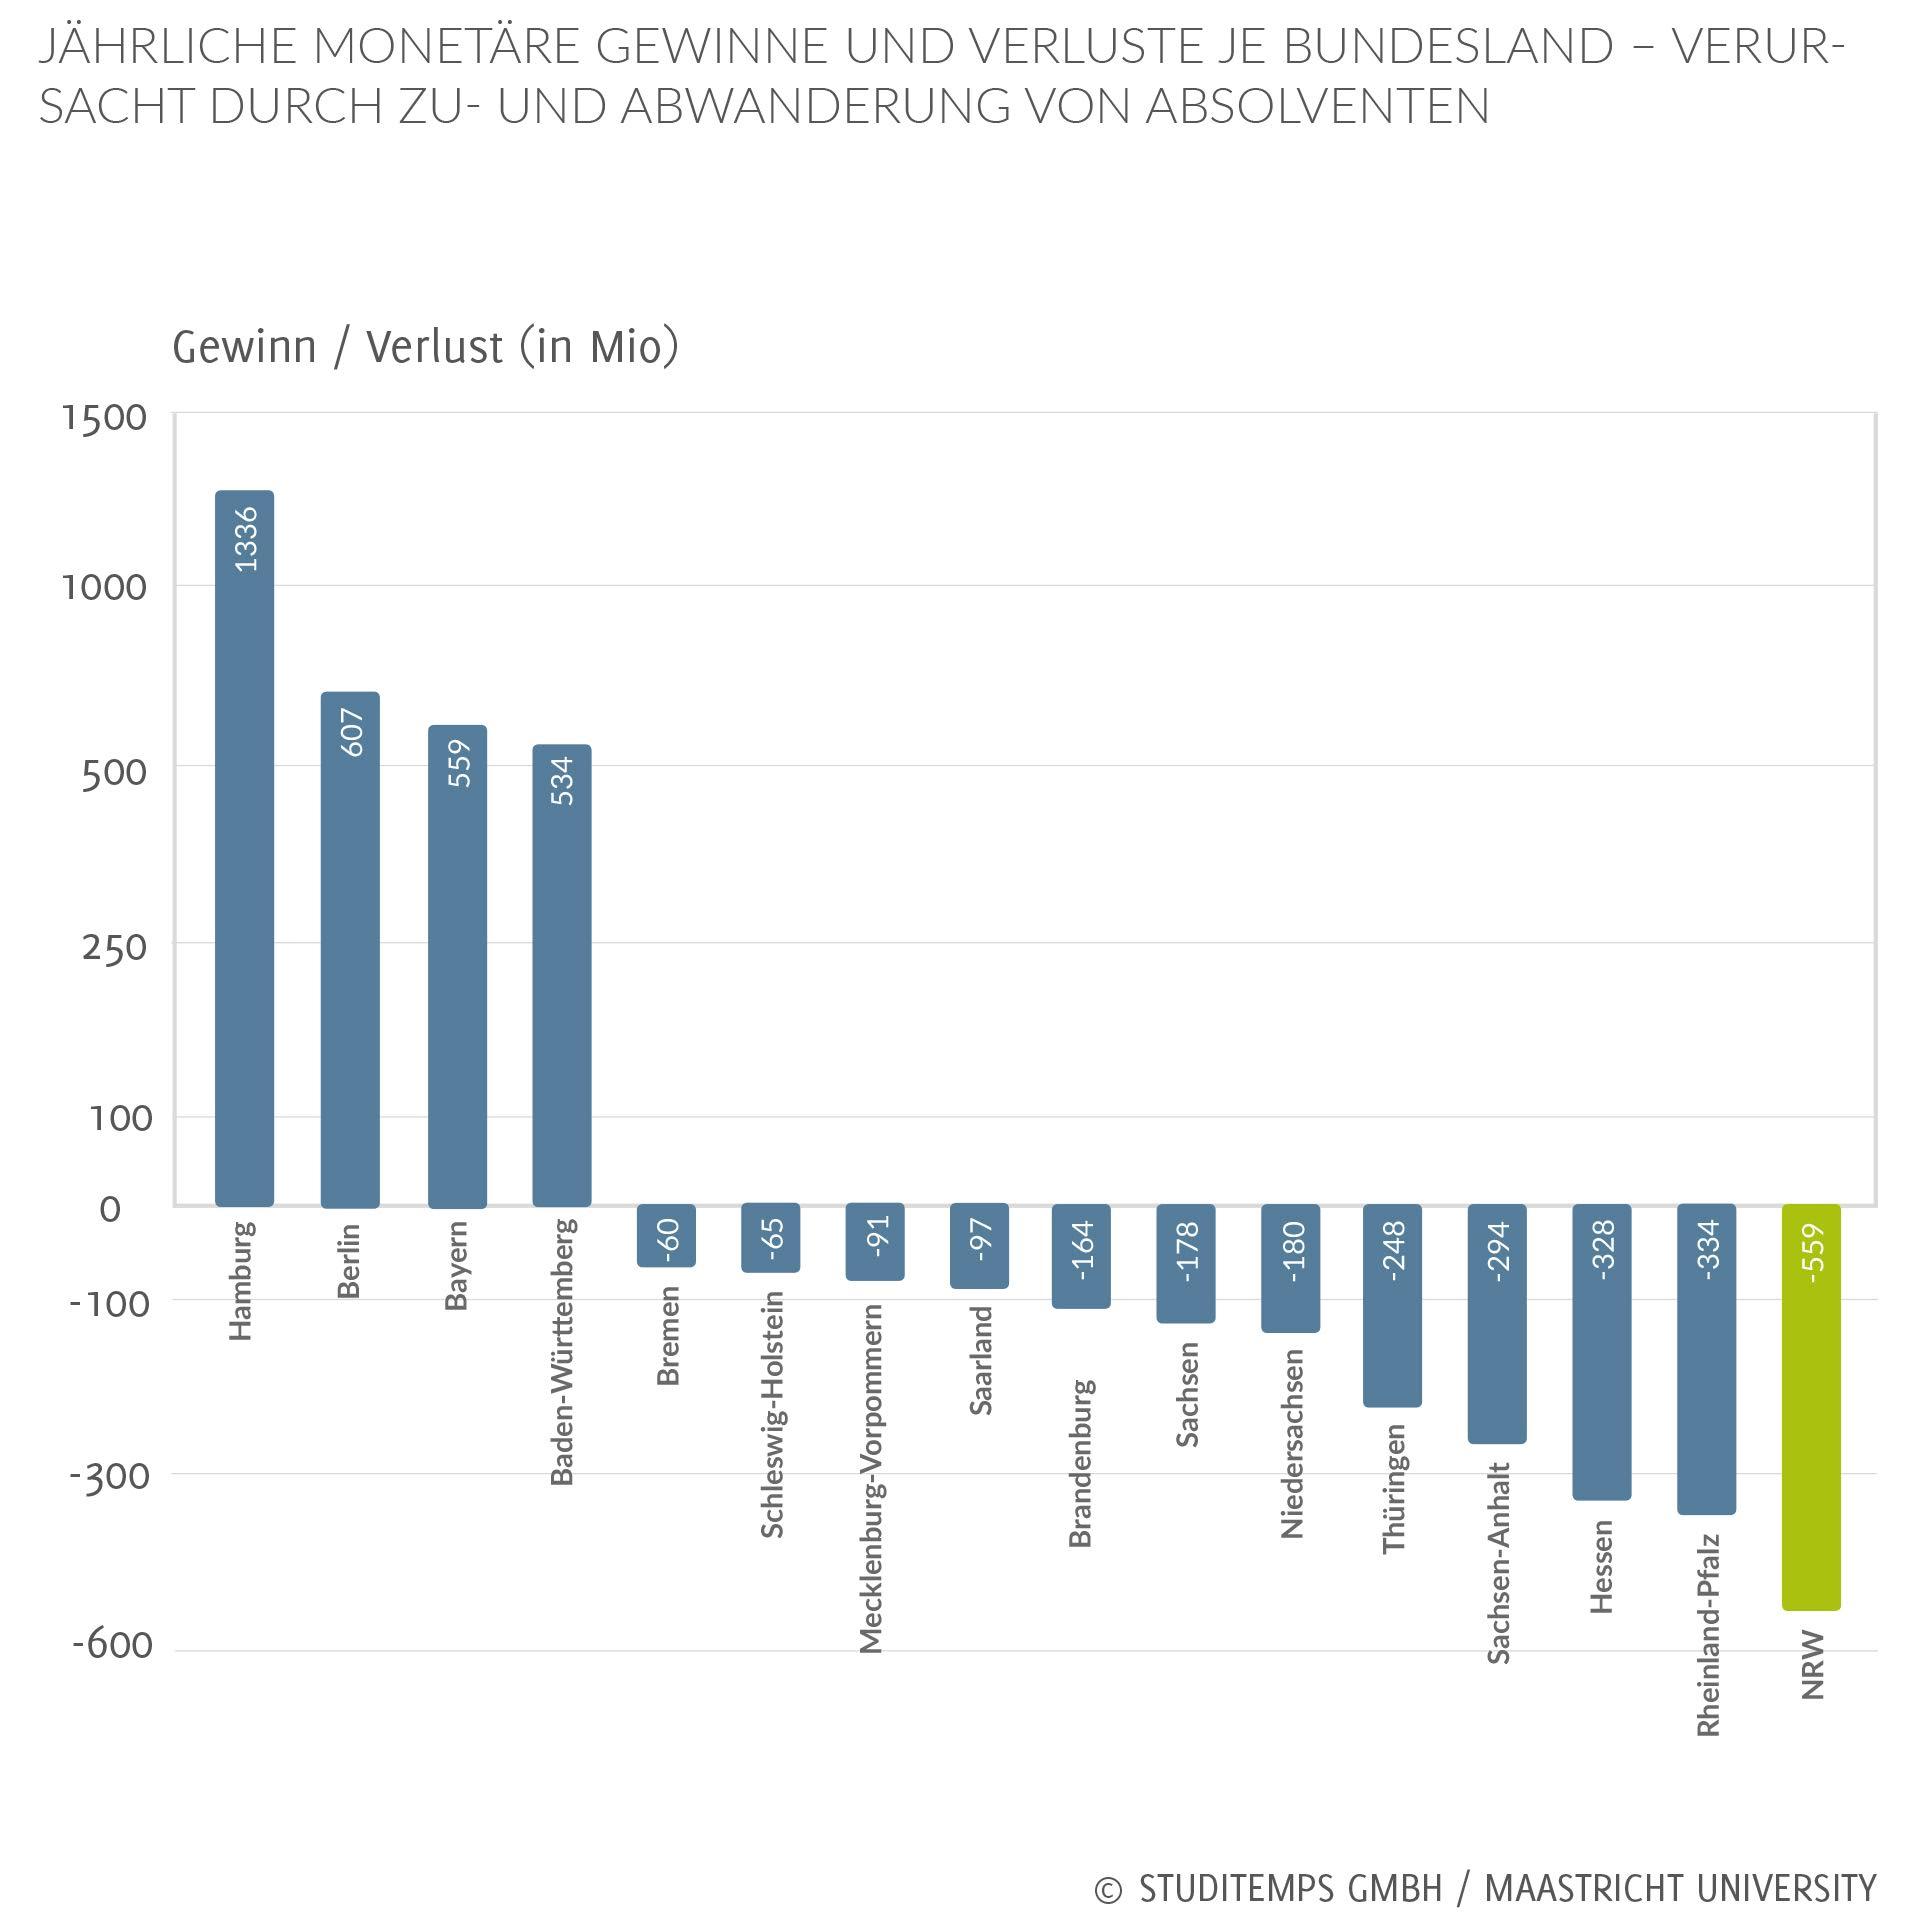 Gewinne und Verluste je Bundesland durch Zu-und Abwanderung von Absolventen